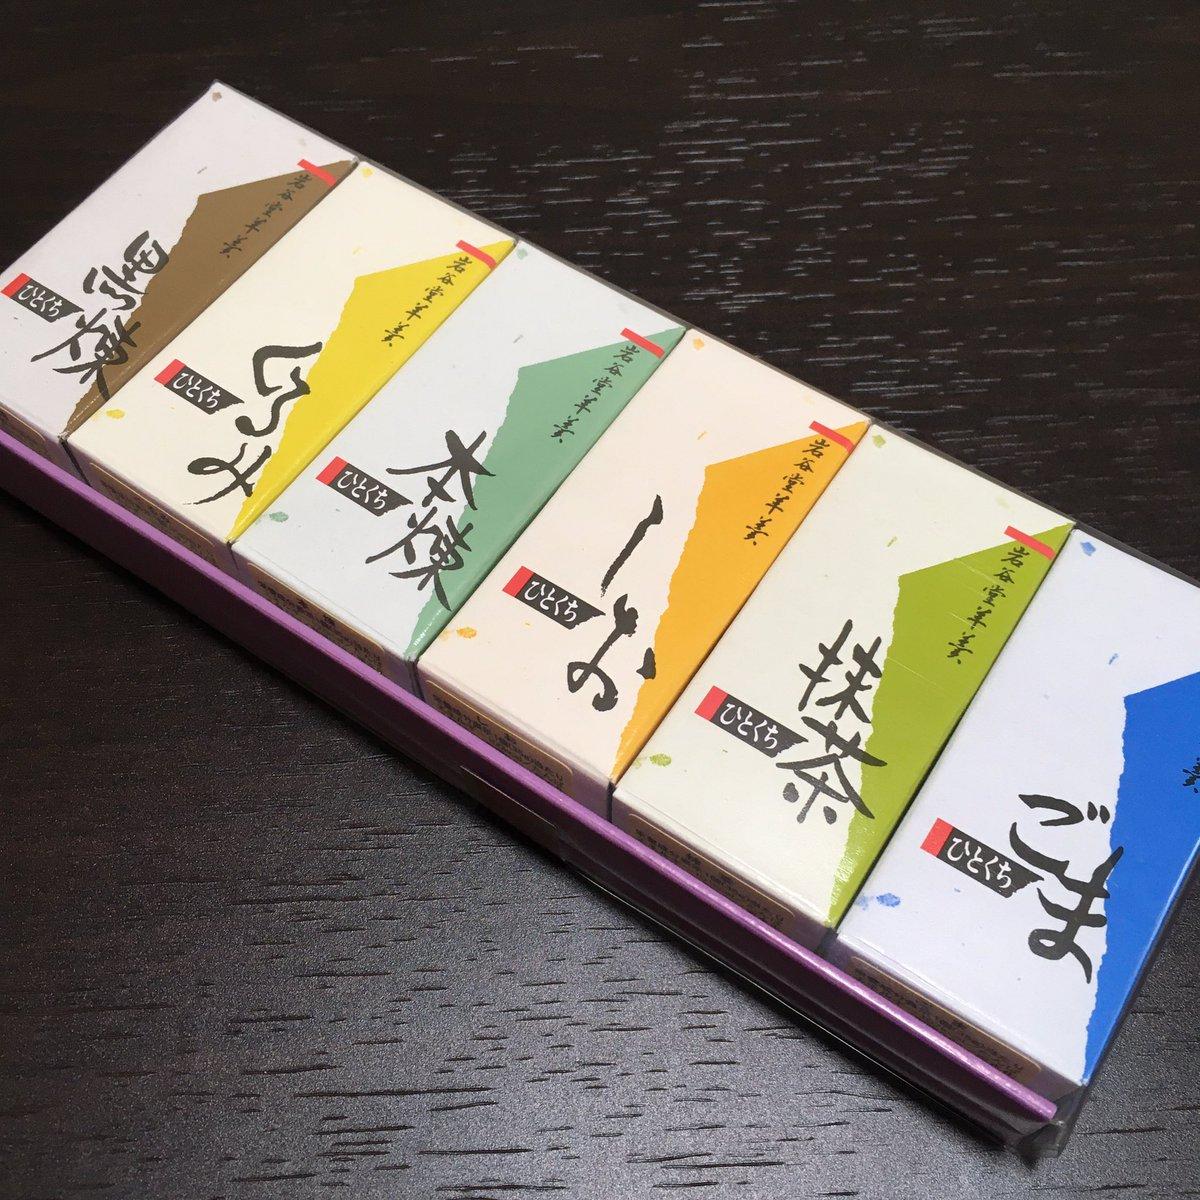 岩谷堂羊羹買ってきたよ! #岩谷堂羊羹 #回進堂 #よう噛んで食えよ https://t.co/a1RjsTOUlE